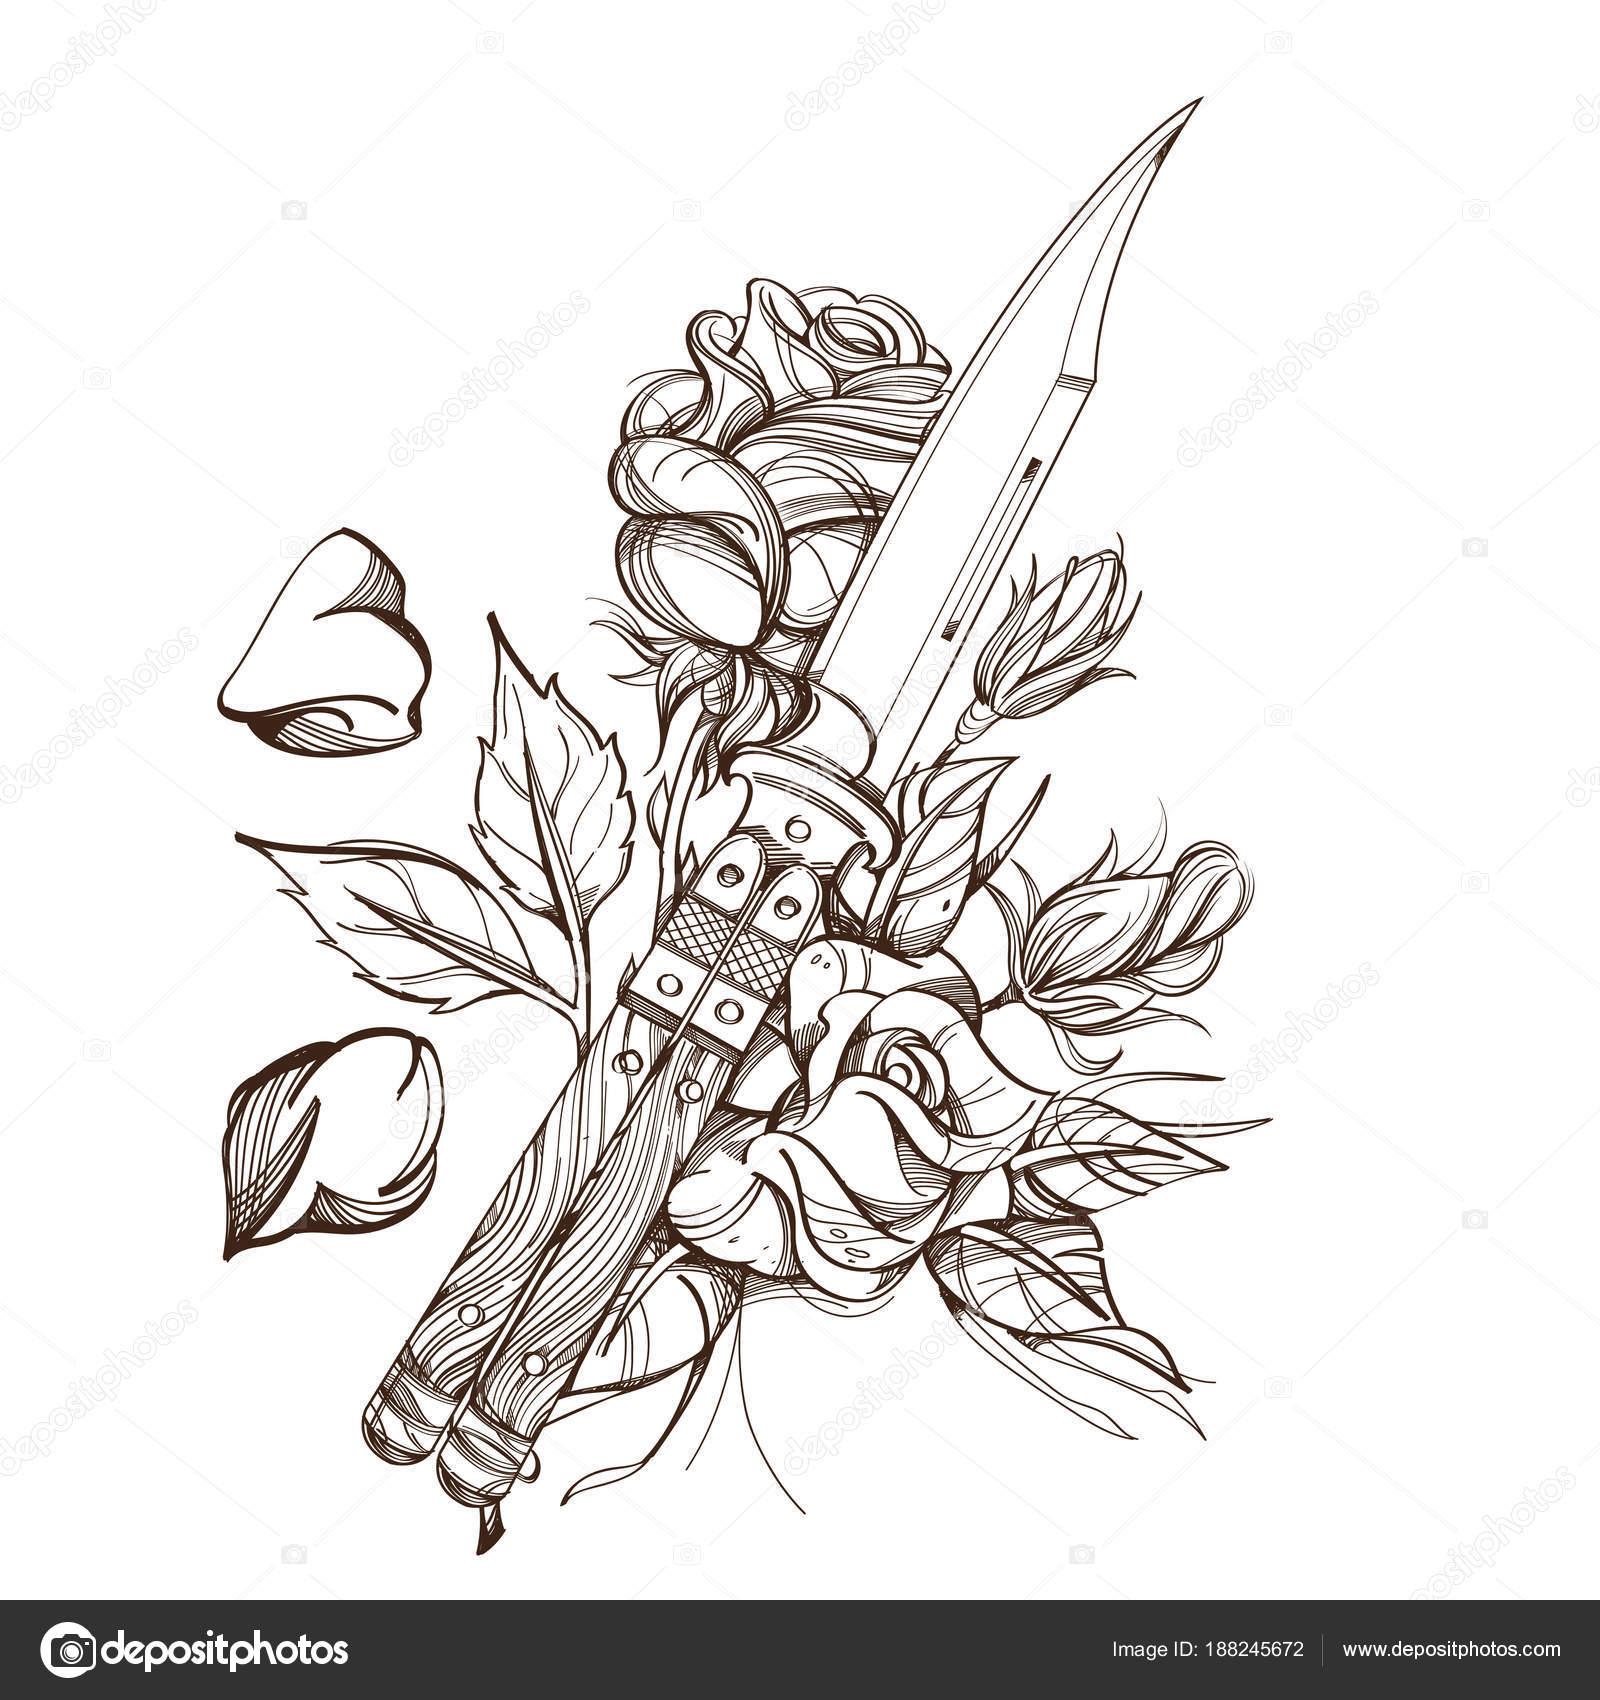 Pugnale contorno rosa disegno colorare tatuaggio for Colorare le rose